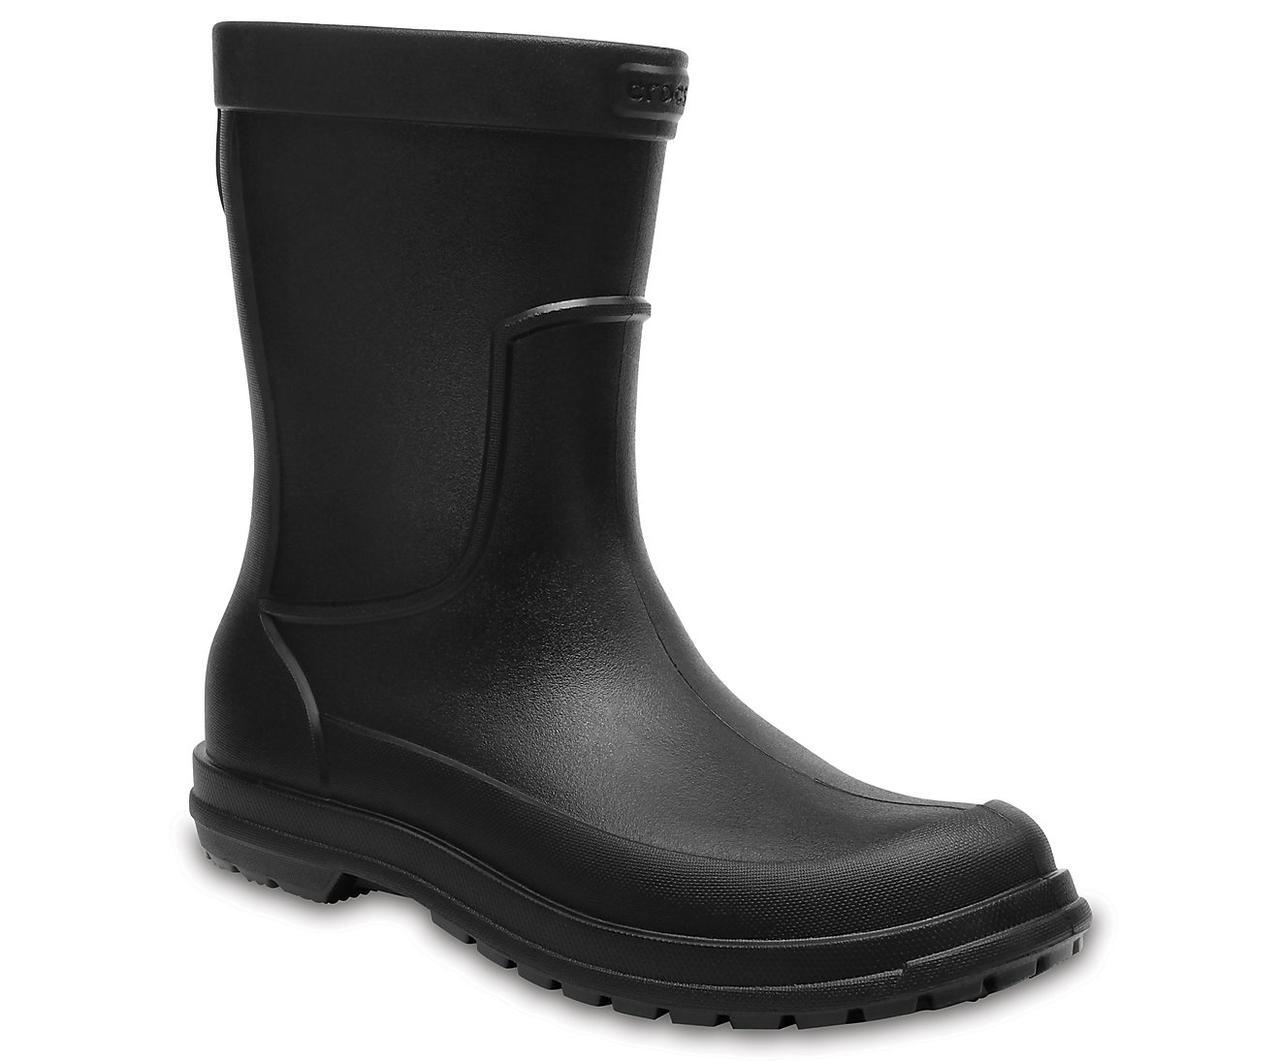 Сапоги резиновые мужские литые / Crocs Men's AllCast Rain Boot (204862), Черные